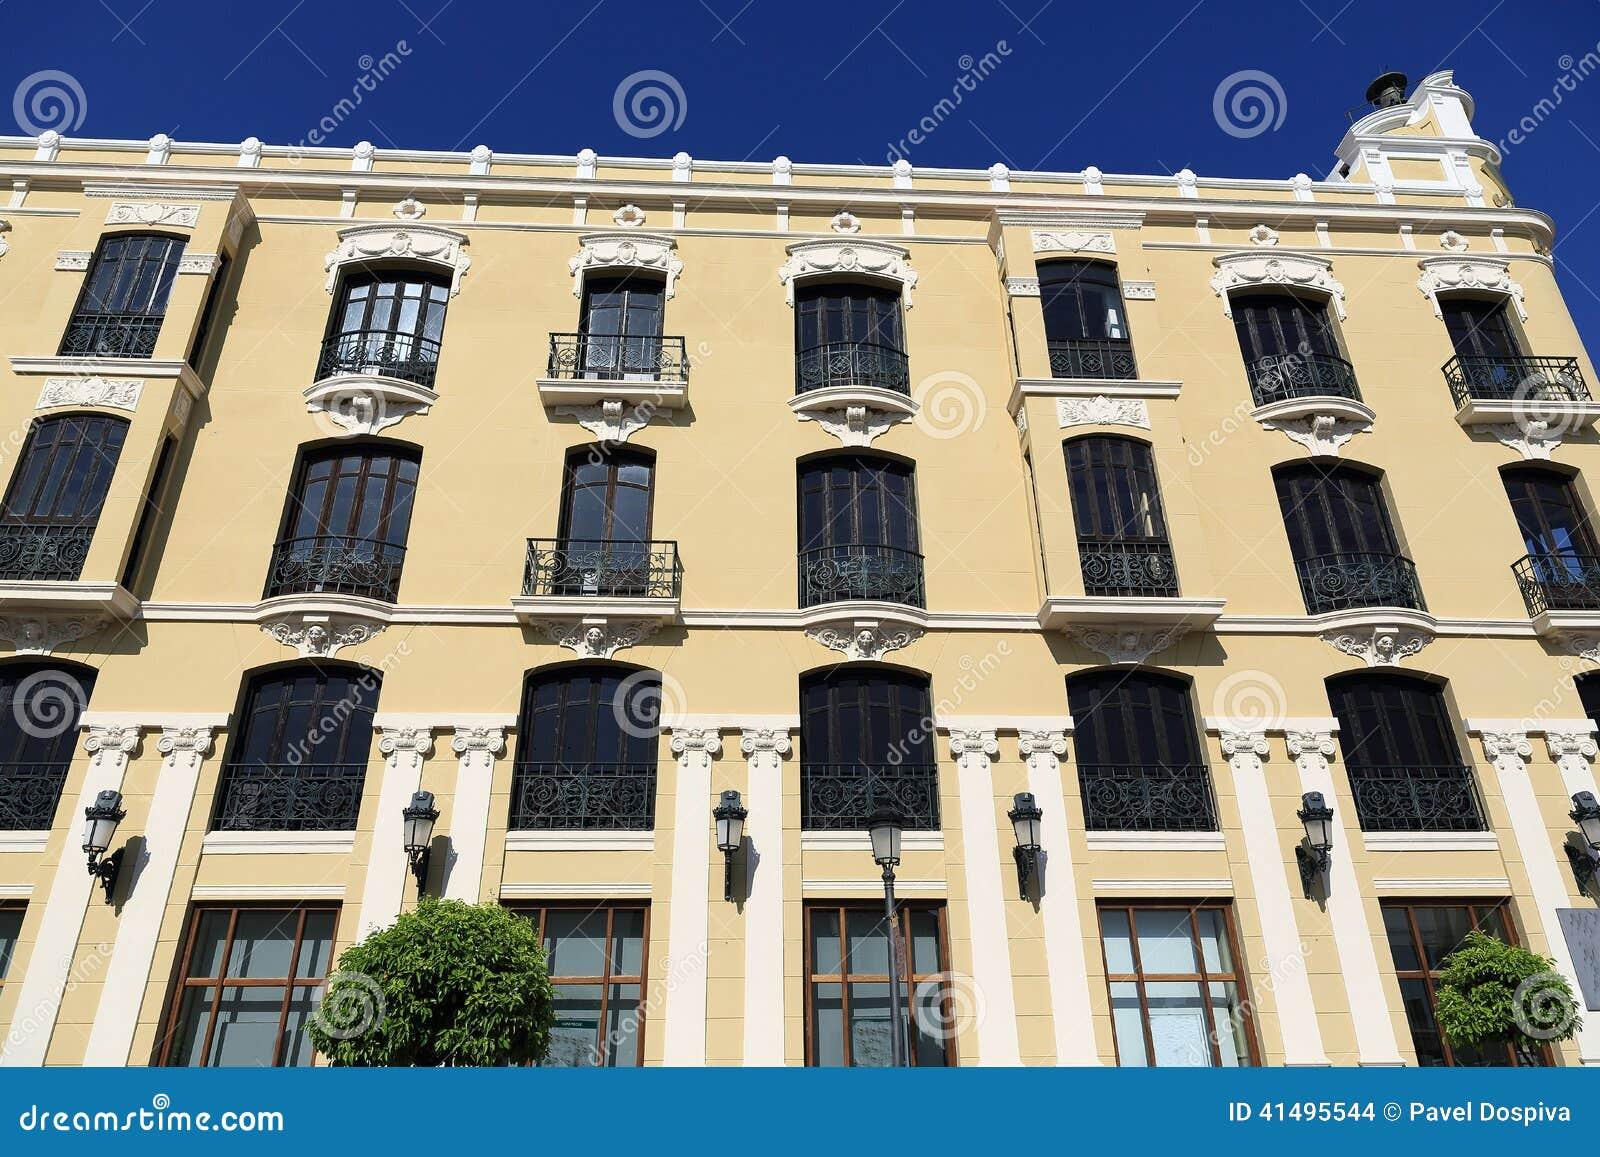 L 39 architettura di vecchie case a ronda andalusia spagna for Architettura case